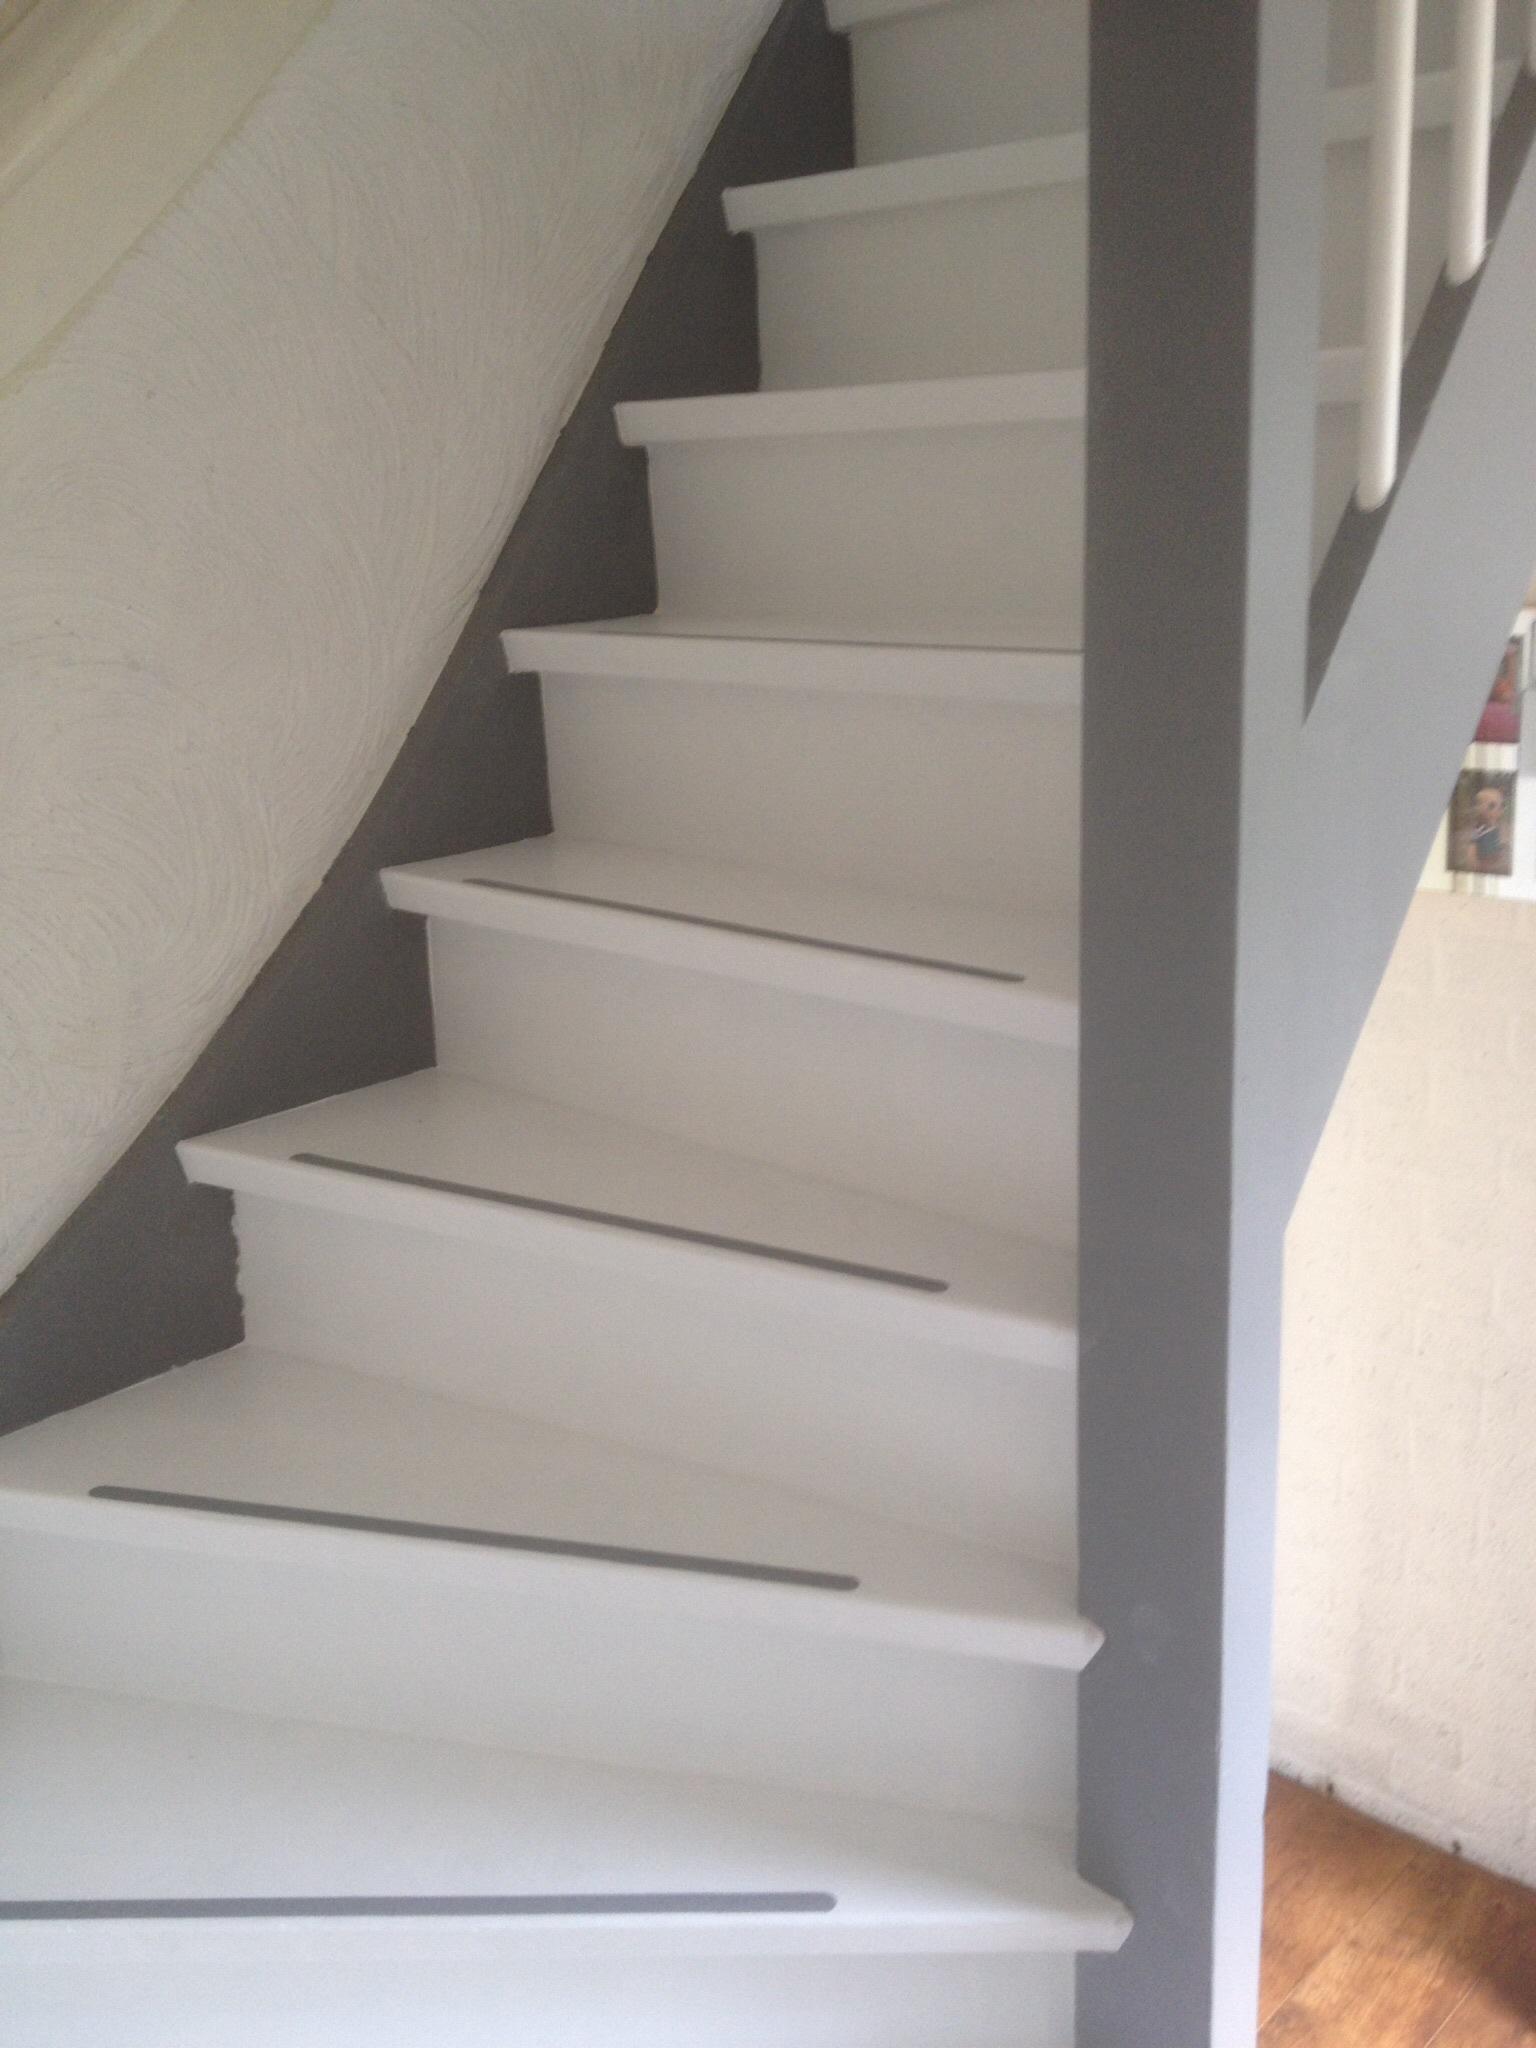 Vaak Hoe kan ik mijn trap minder glad maken? | voordemakers.nl ML72